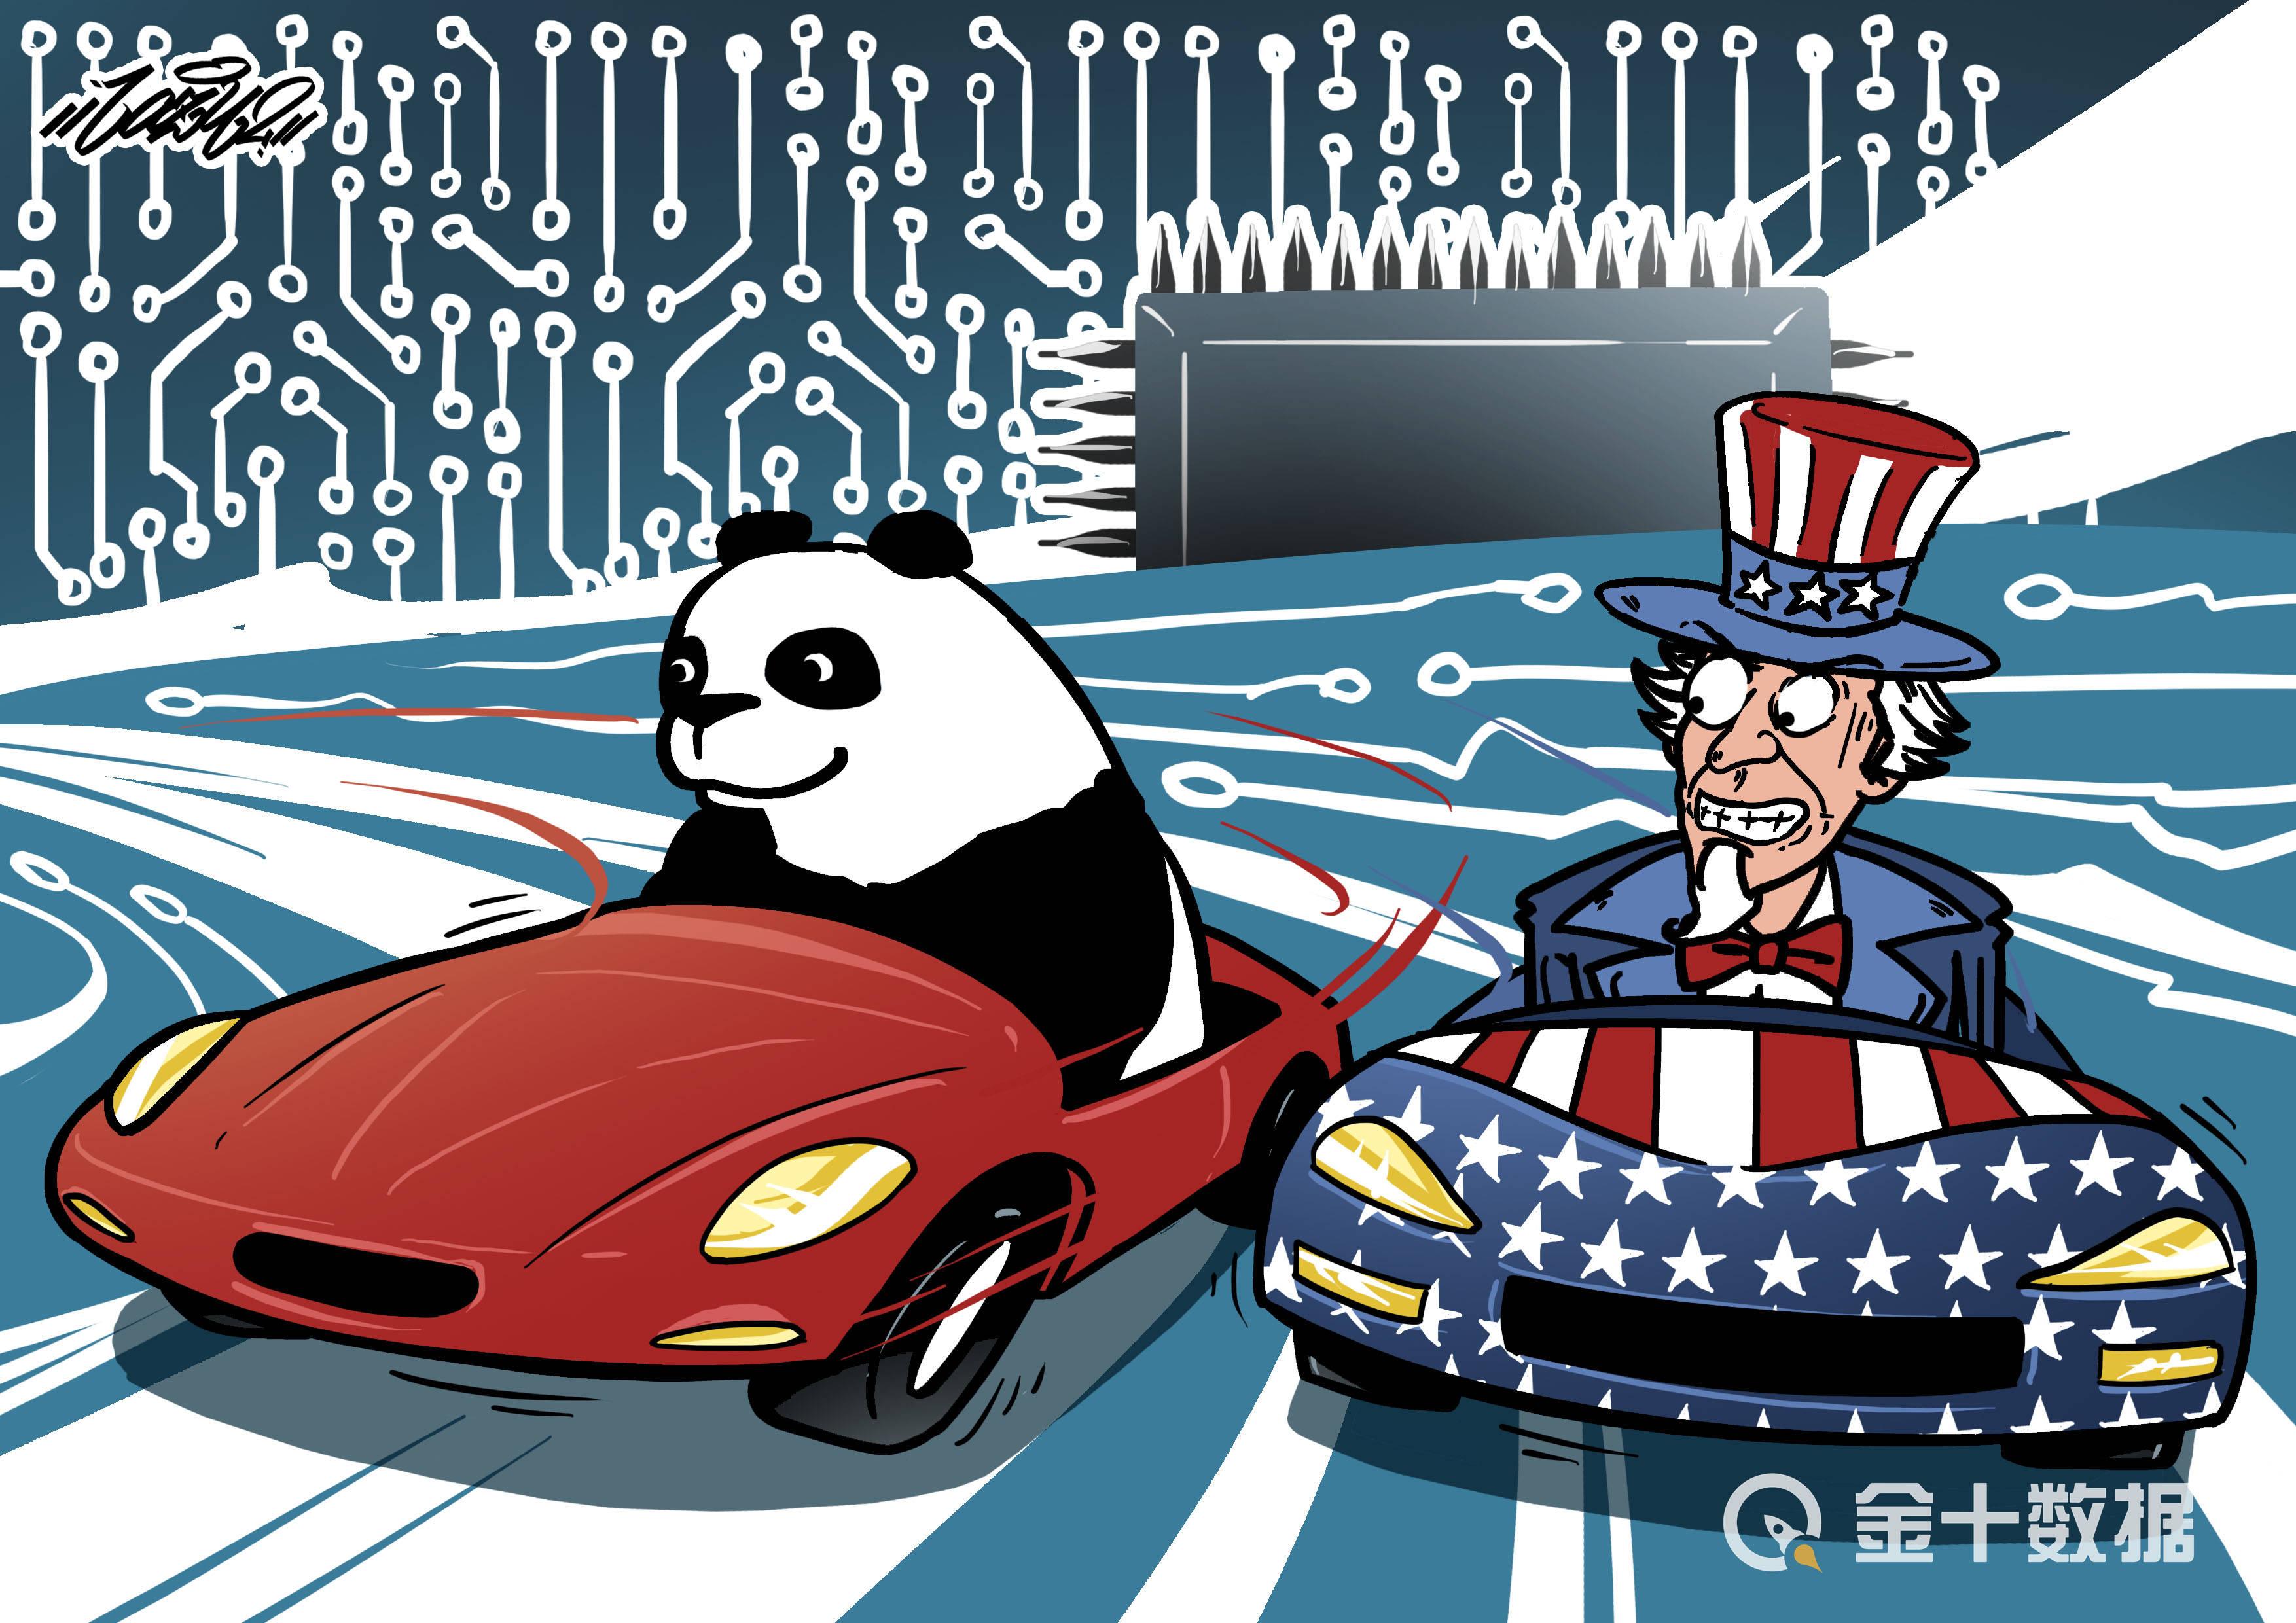 斥资2332亿!台积电将在美国新建6座芯片厂,但保留最先进技术